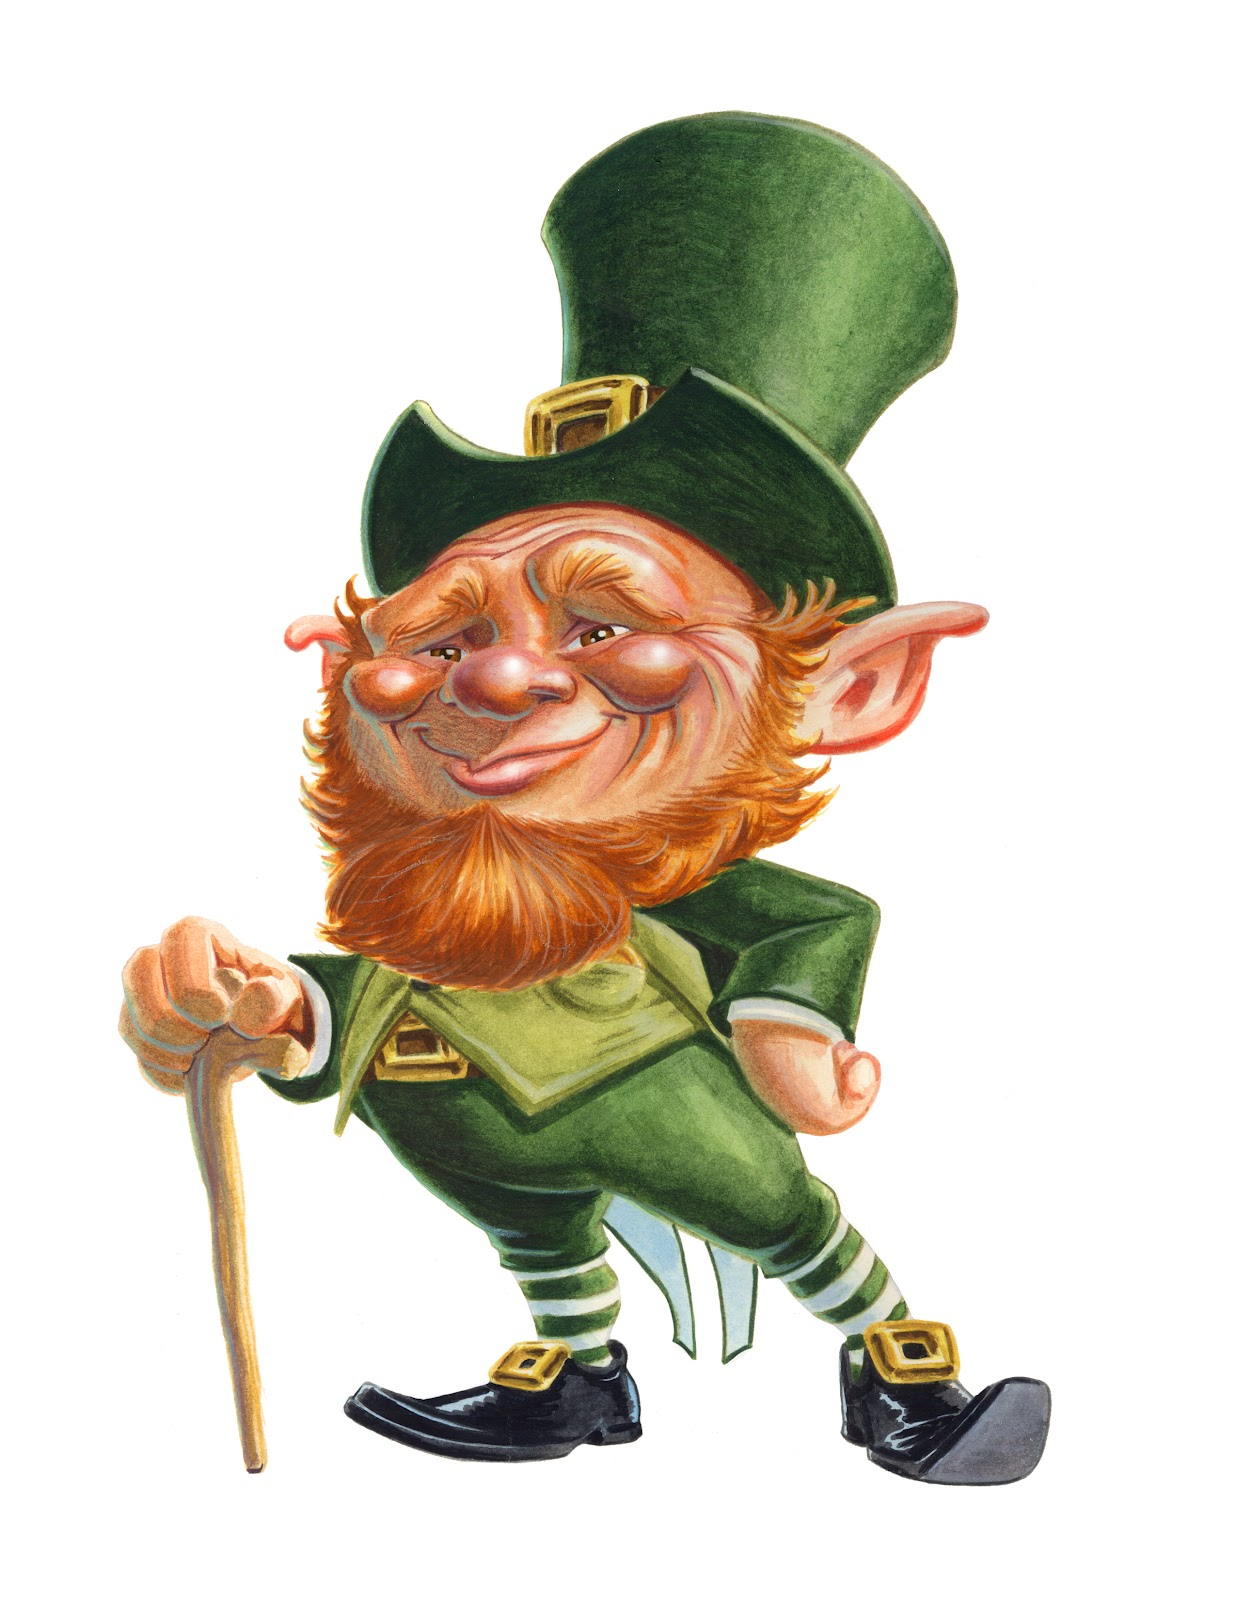 Guinness clipart leprechaun Cartoon Art Tweet with friends